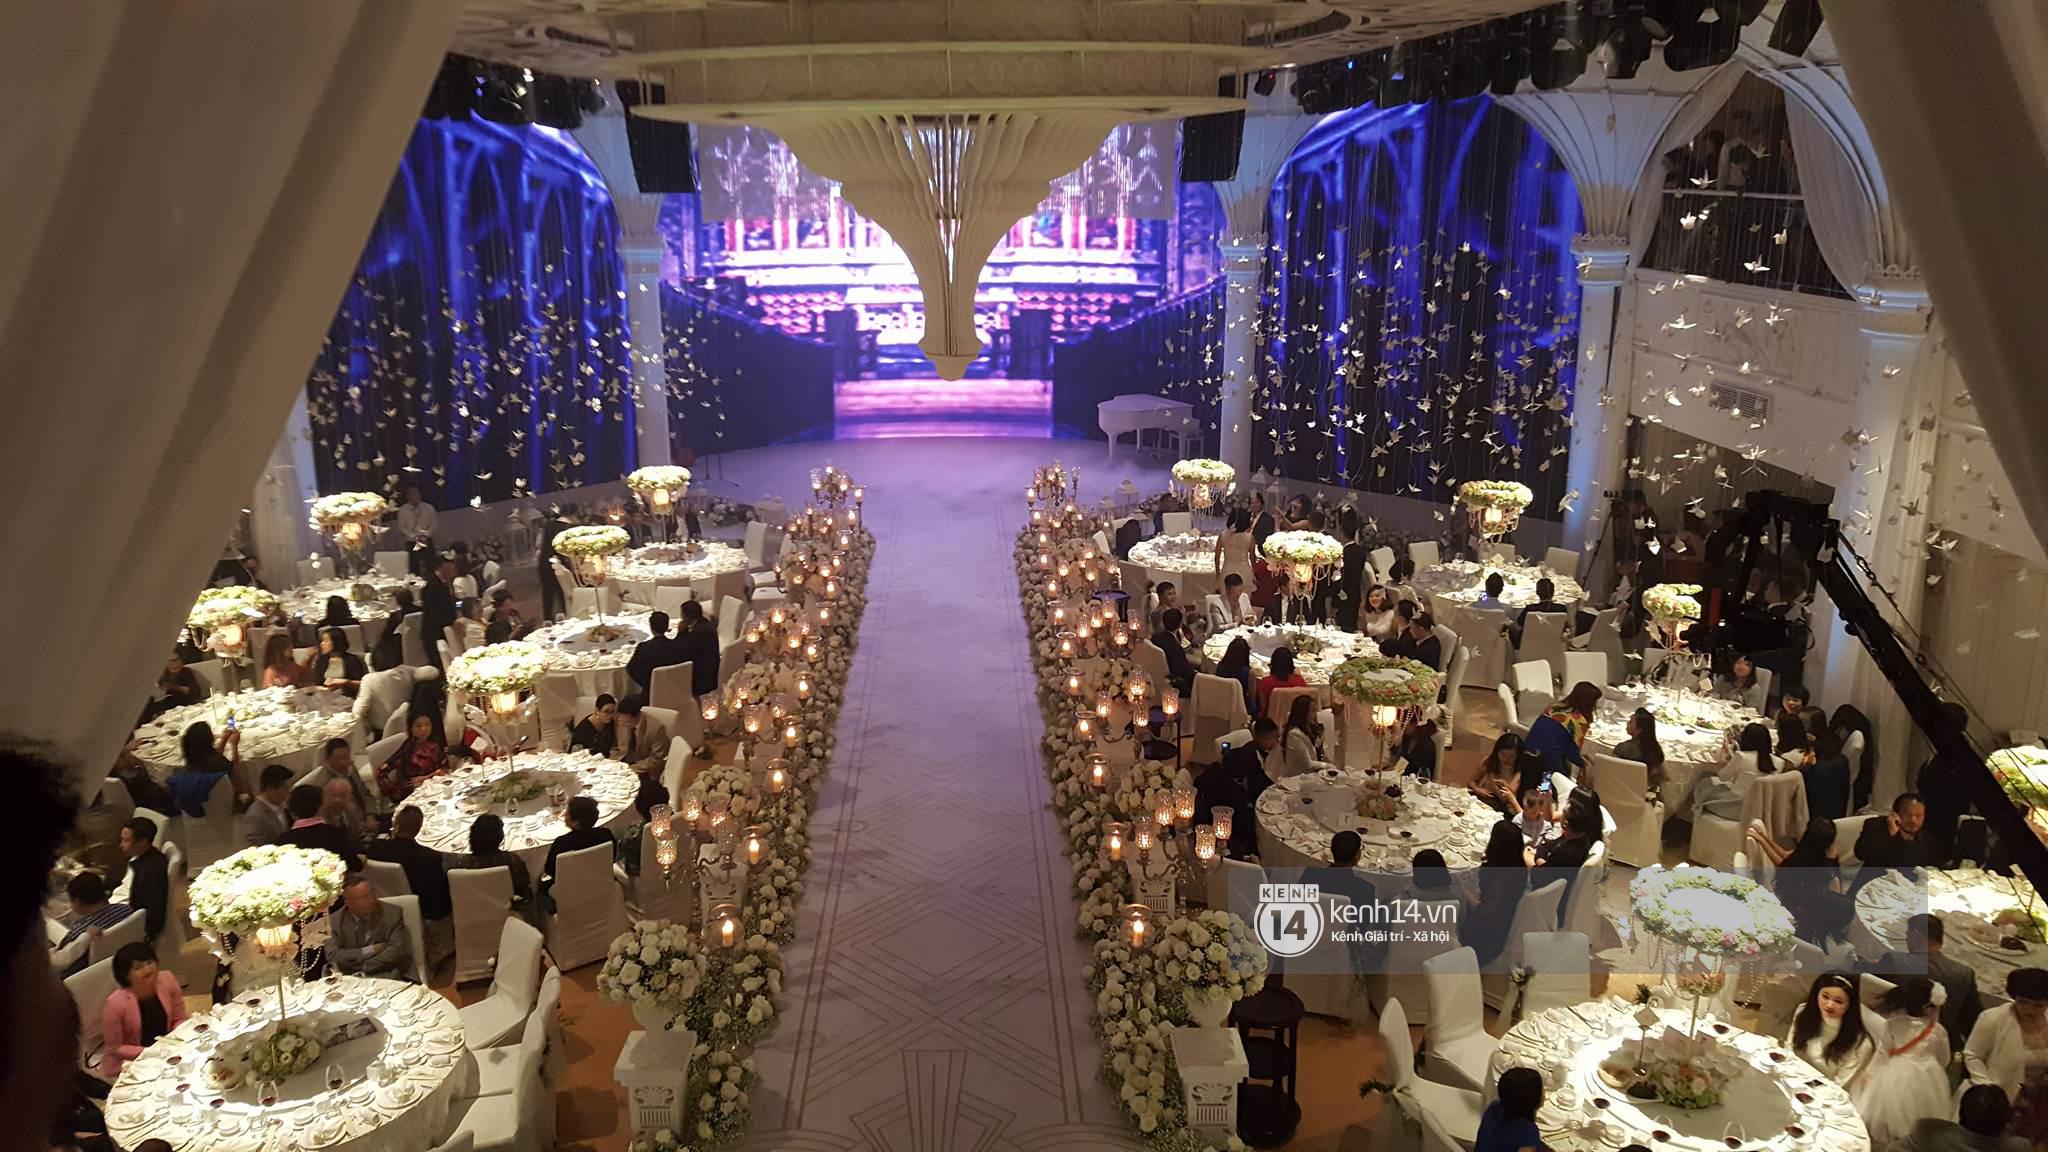 Đám cưới MC Mai Ngọc: Không gian lộng lẫy, cầu kỳ, xứng đáng là đám cưới sang chảnh nhất Hà Nội hôm nay - Ảnh 9.